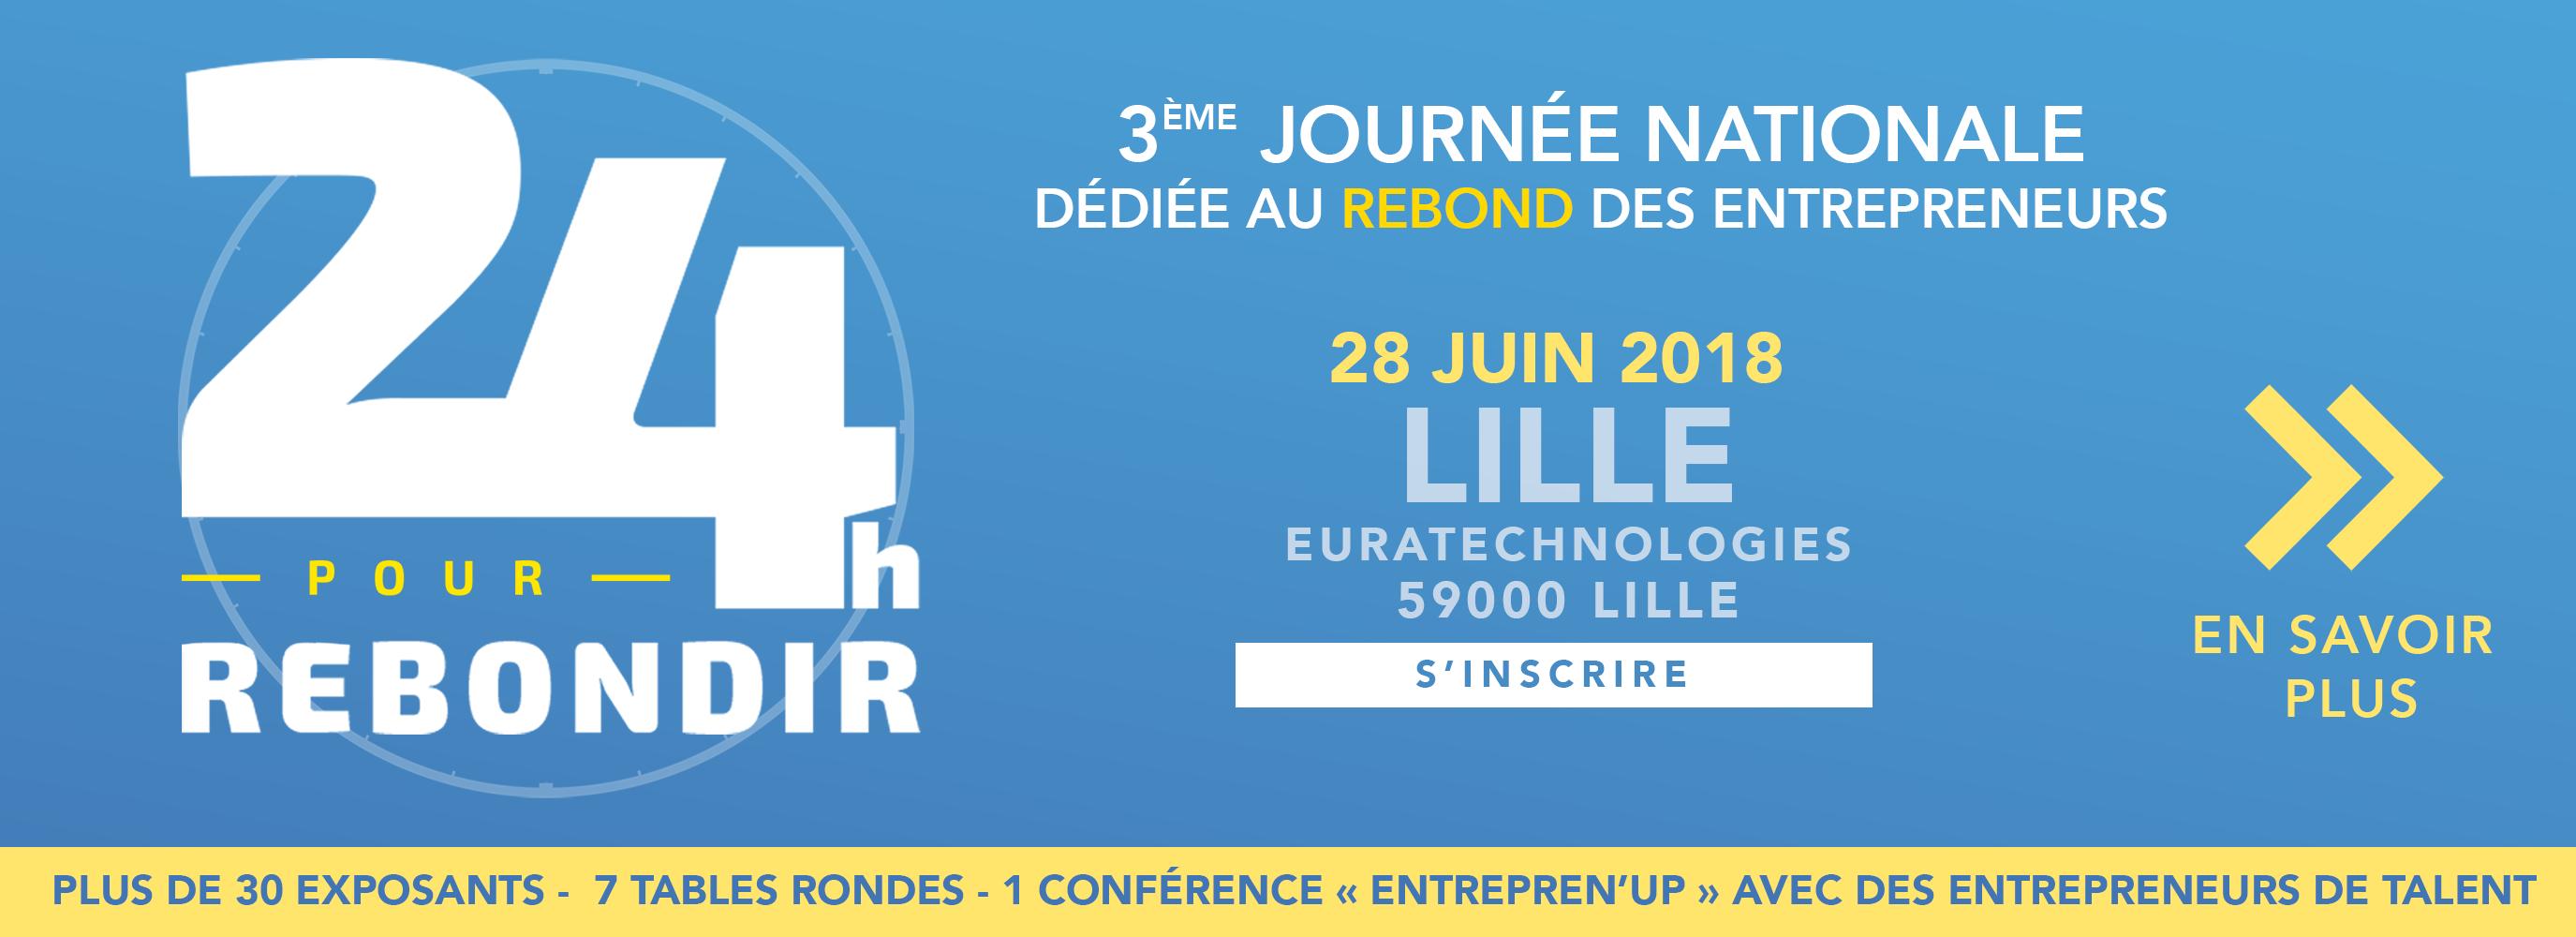 24h pour rebondir Lille 28 juin